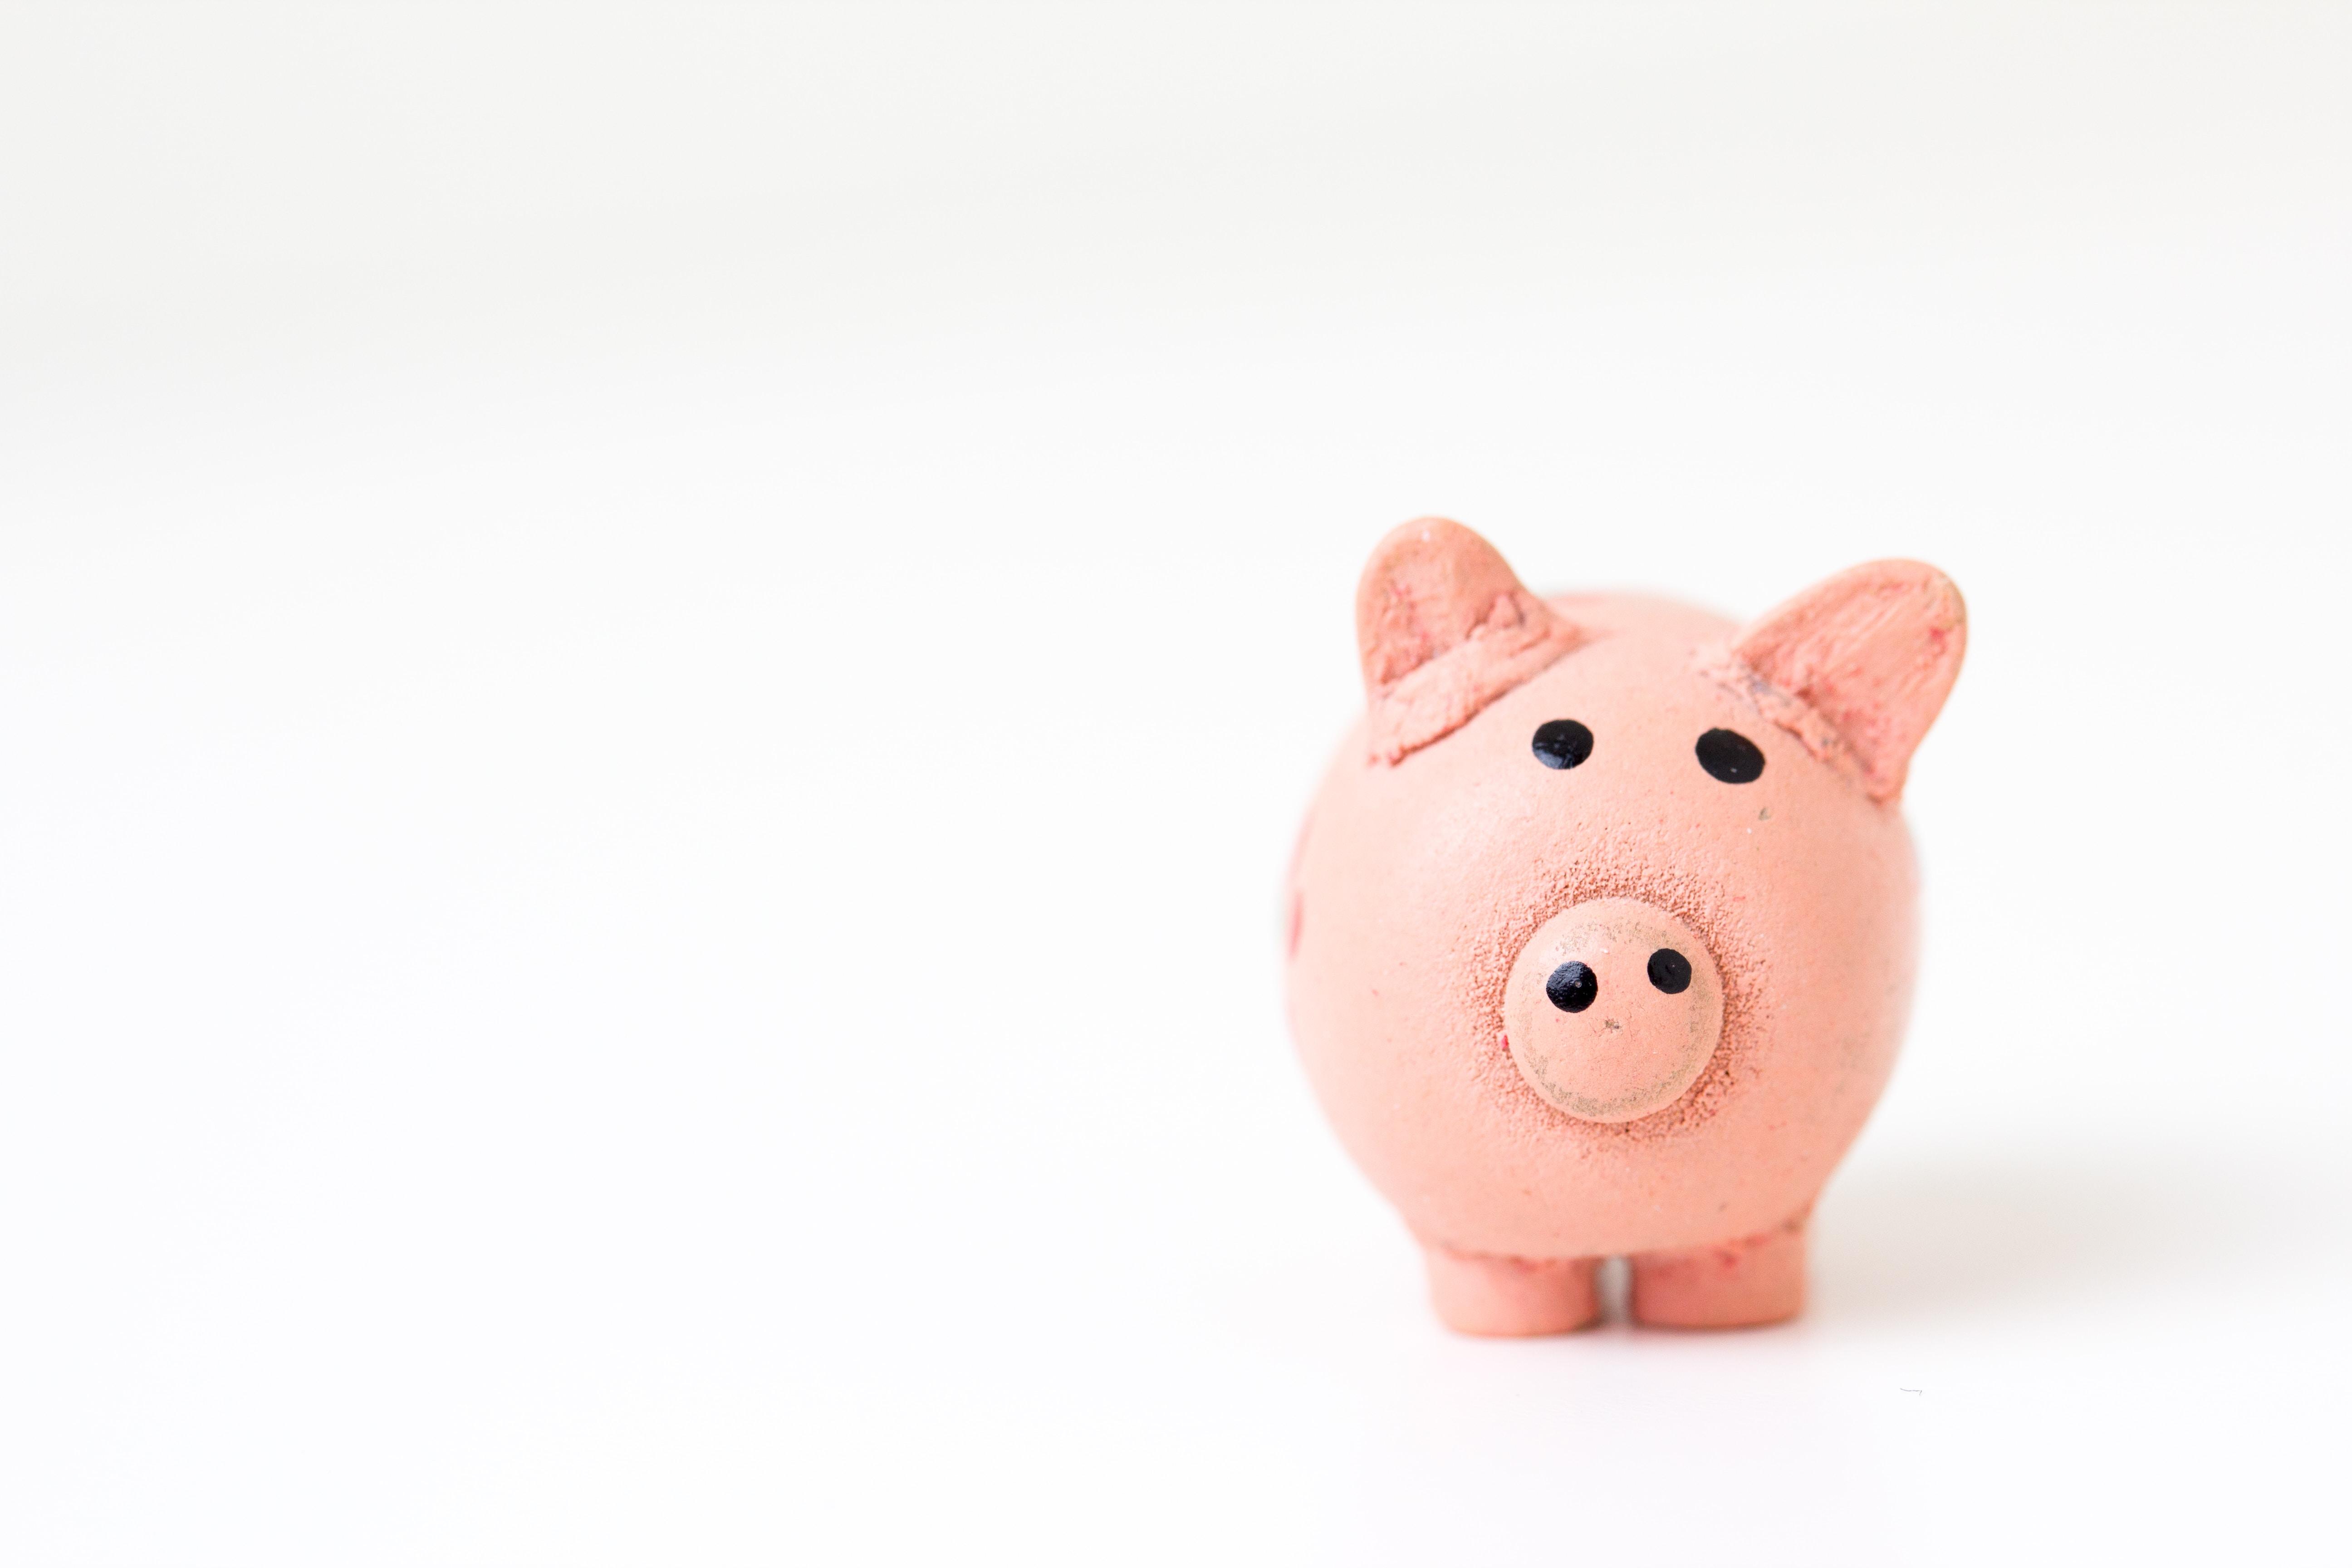 Tipps für den Umzug: Sparen statt viel Geld ausgeben